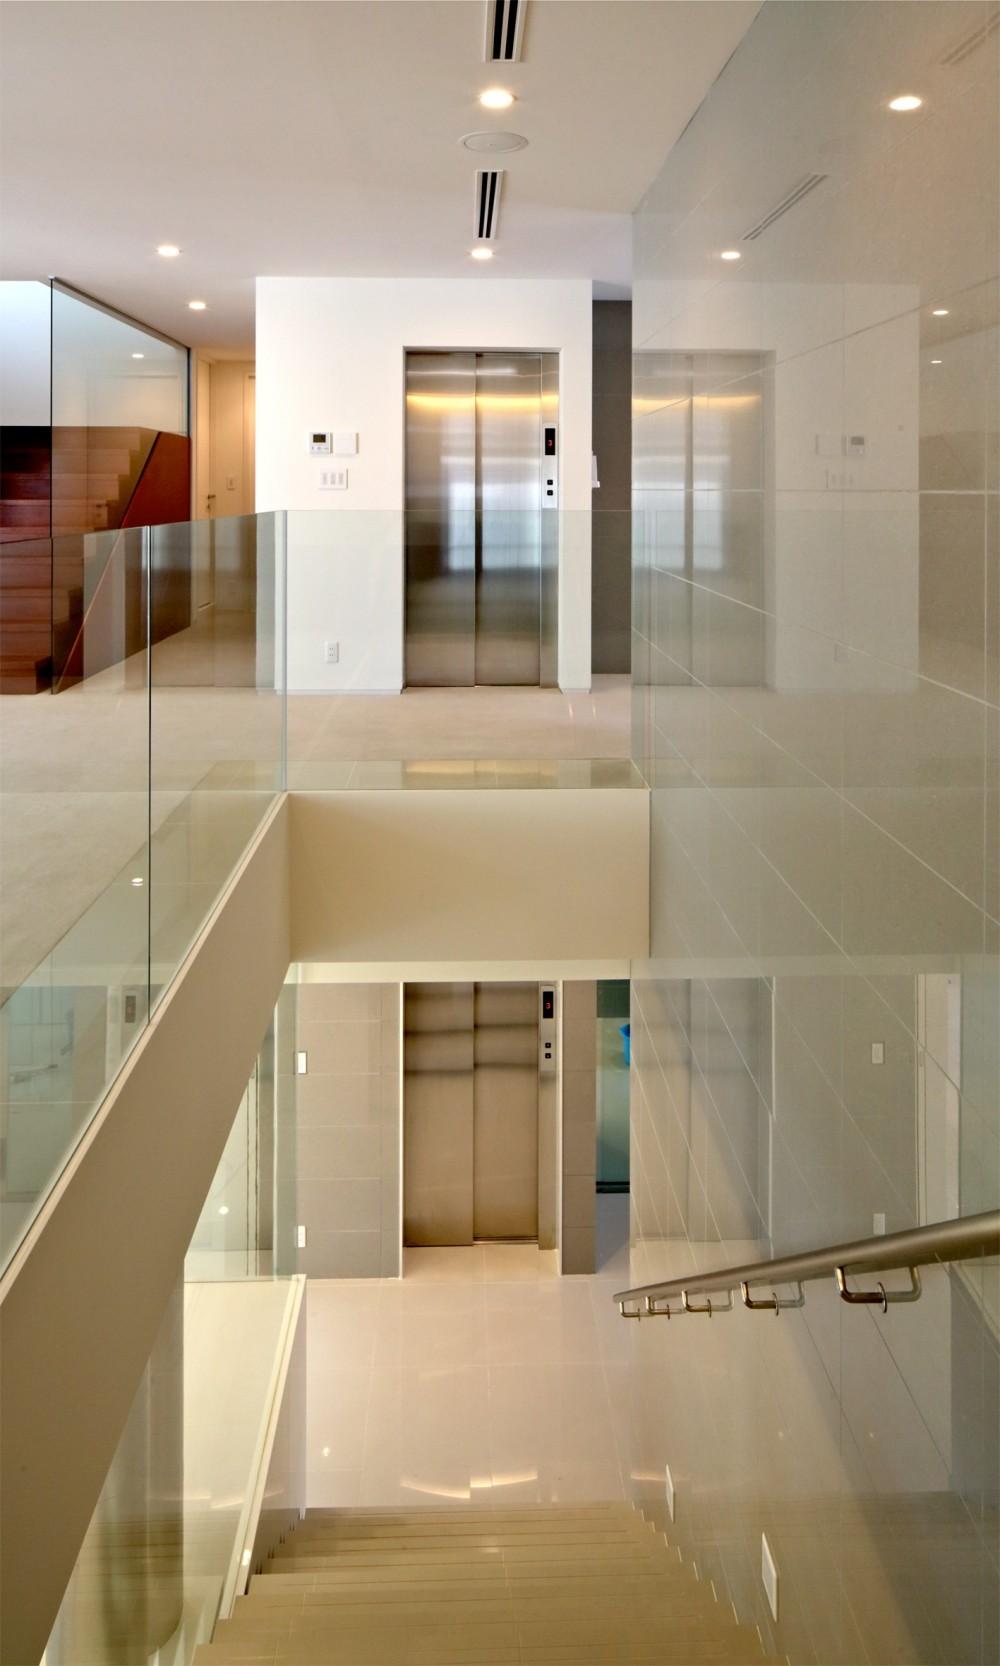 渡辺純「高輪台の家、こだわりの施主と作り上げたバーカウンターのある大型住まい」